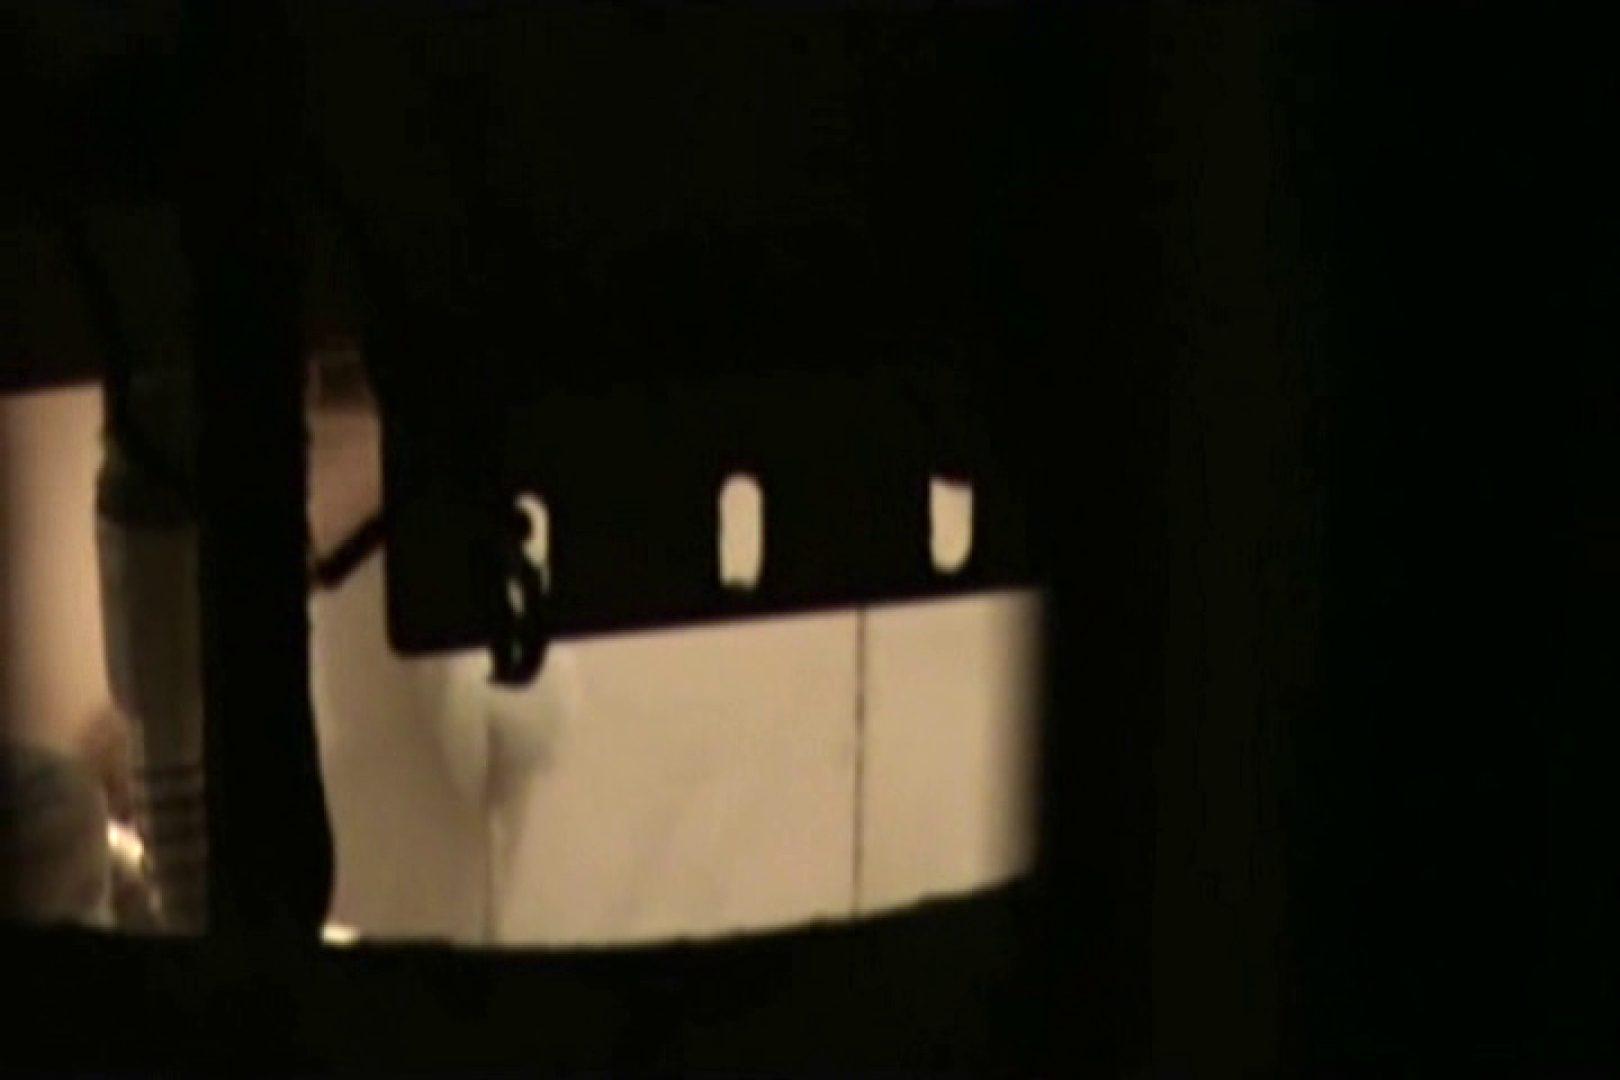 ぼっとん洗面所スペシャルVol.3 シャワー 覗きスケベ動画紹介 92pic 88